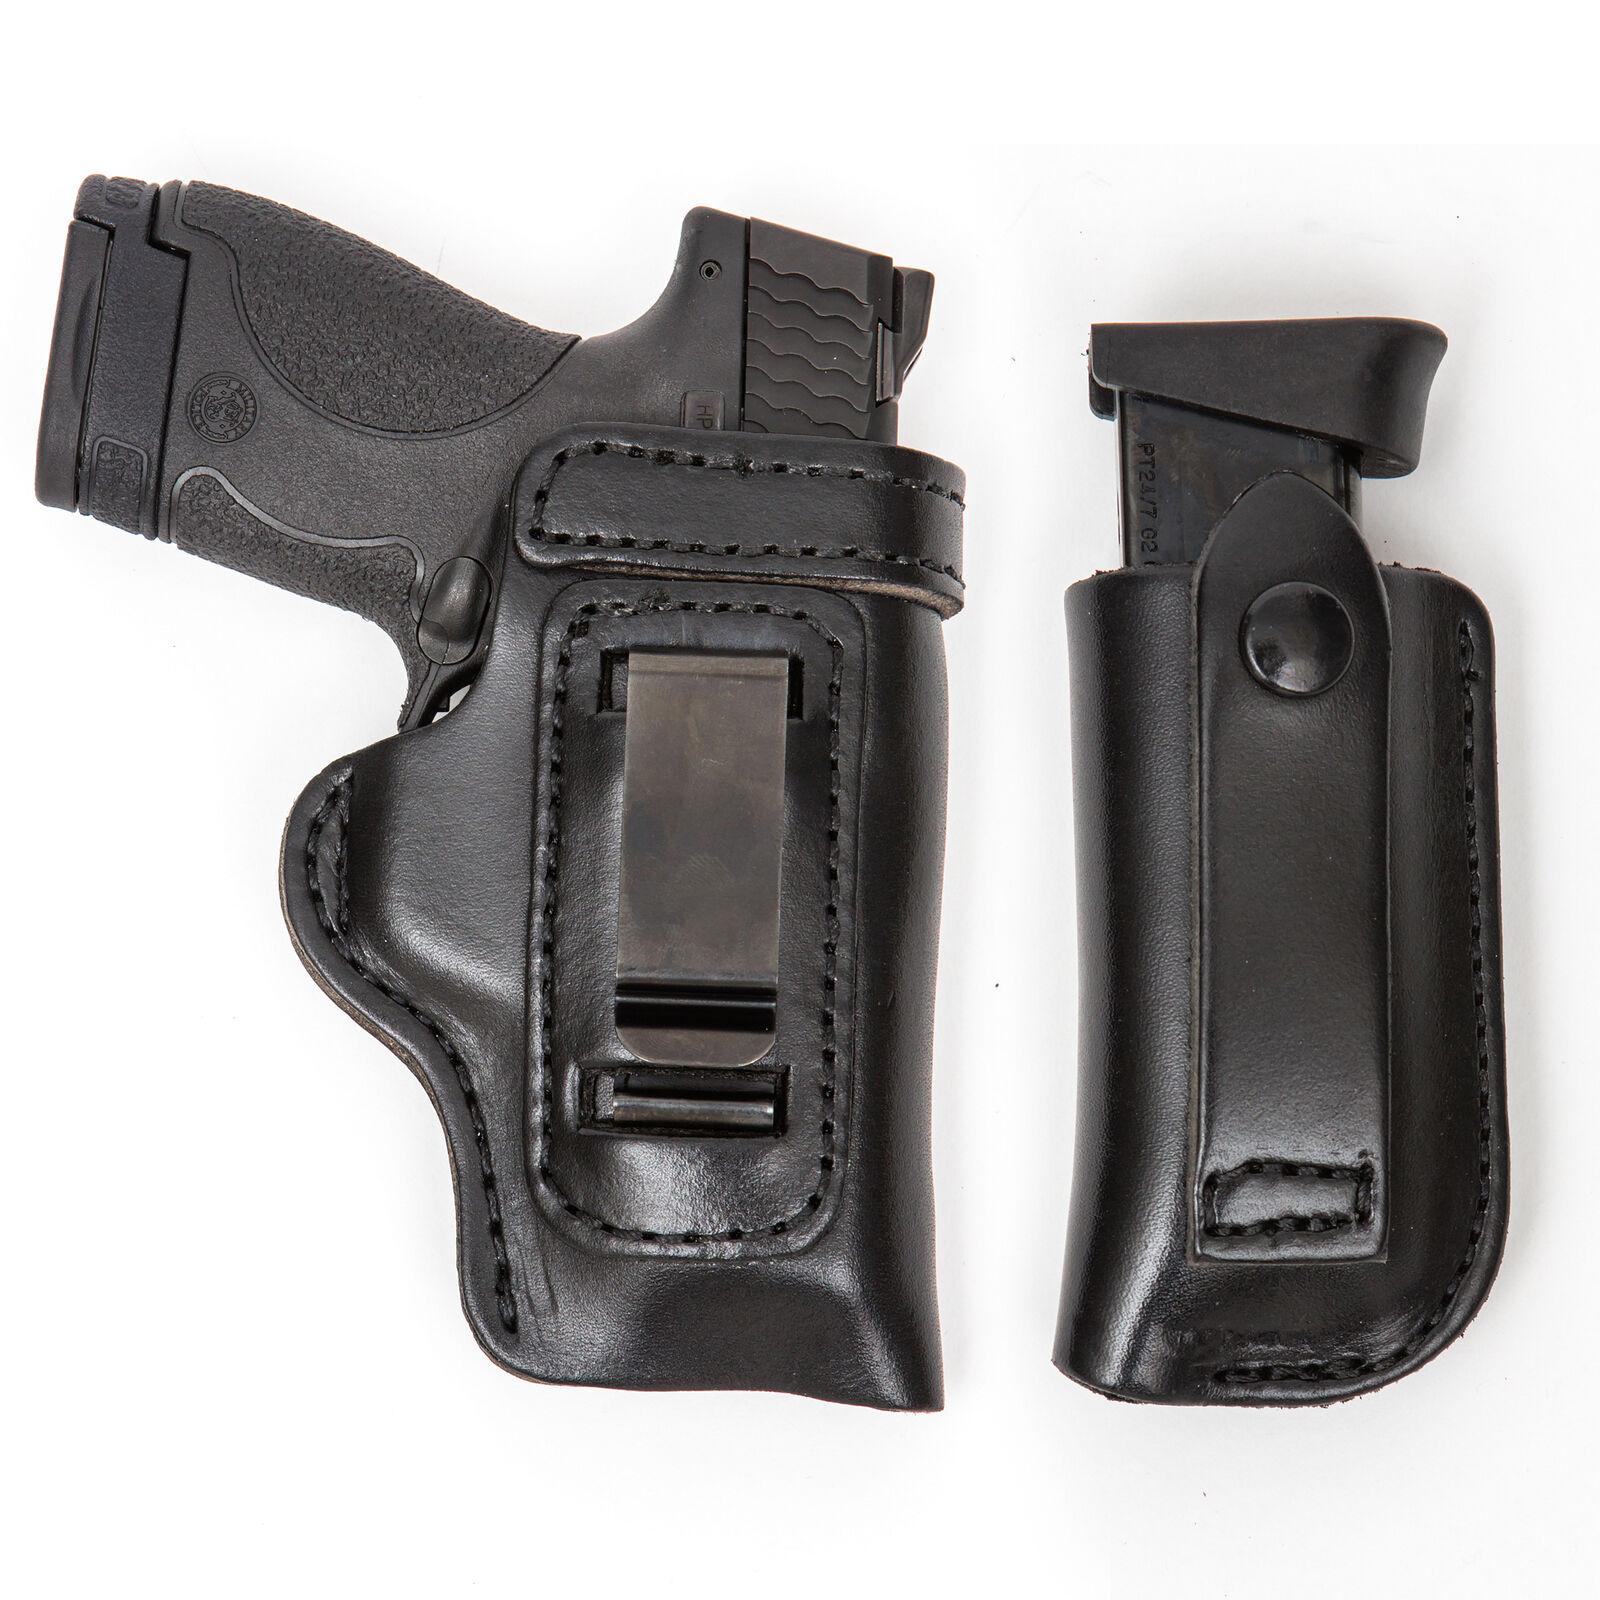 Combo Pack IWB owb RH LH Funda Pistola & Mag Para Taurus 809 840 Compacto